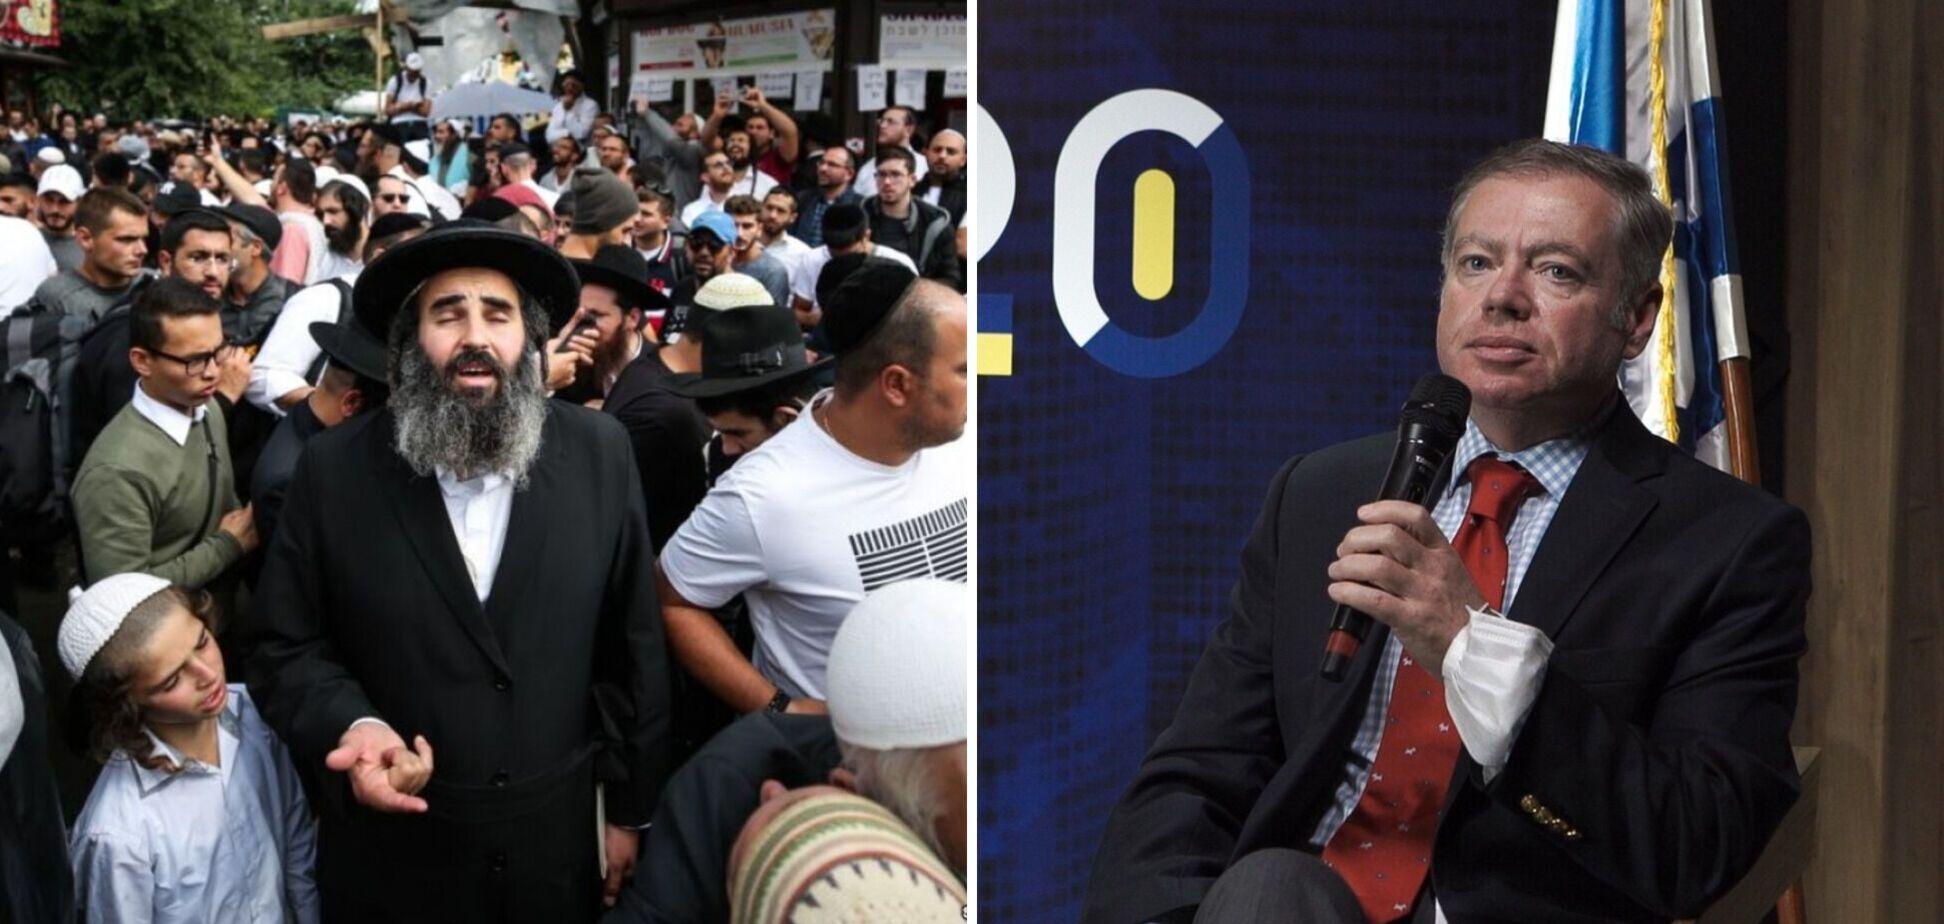 Посол Корнійчук звернувся до хасидської громади про необхідність дотримання українського законодавства при паломництві до Умані